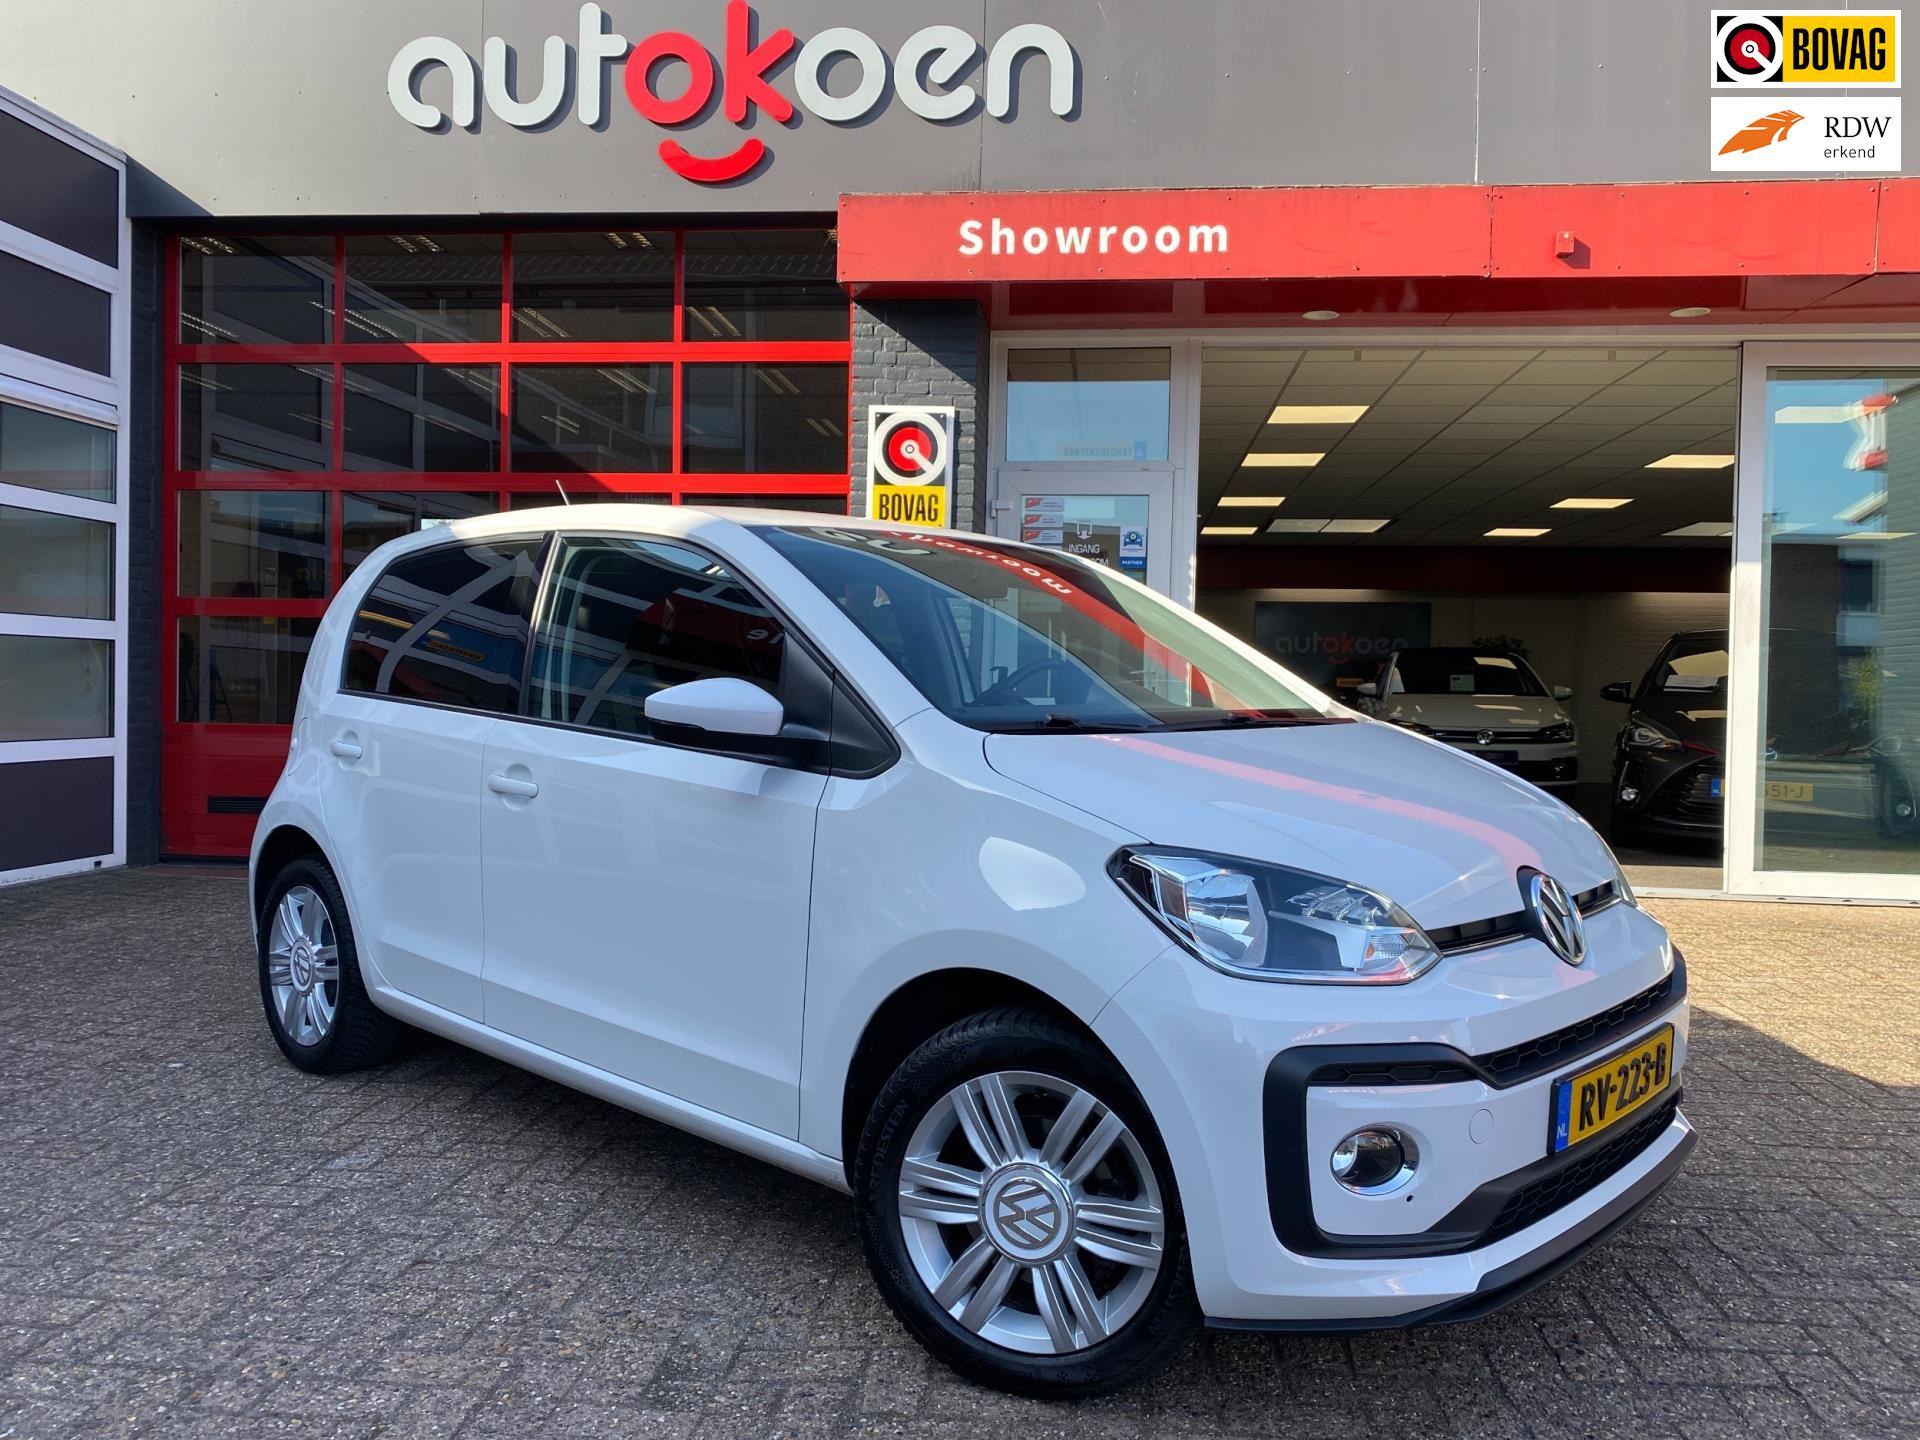 Volkswagen Up occasion - Autokoen